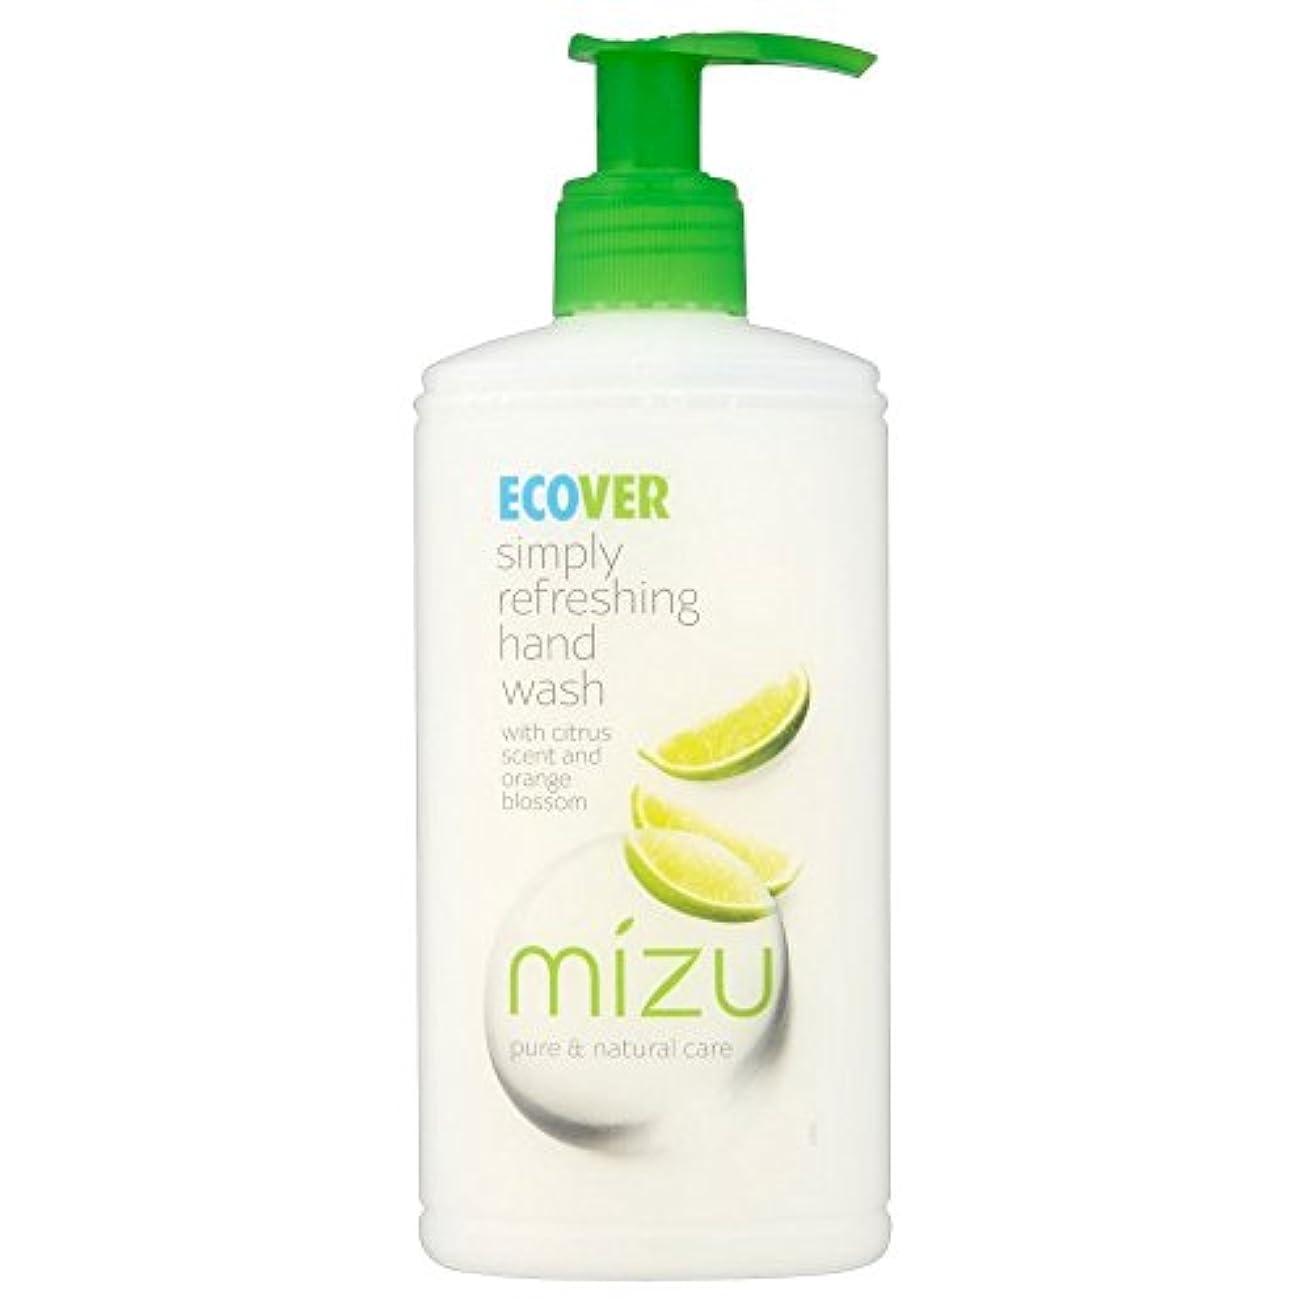 物質適用済みマザーランドEcover Liquid Hand Soap Citrus & Orange Blossom (250ml) エコベール液体ハンドソープシトラスとオレンジの花( 250ミリリットル) [並行輸入品]